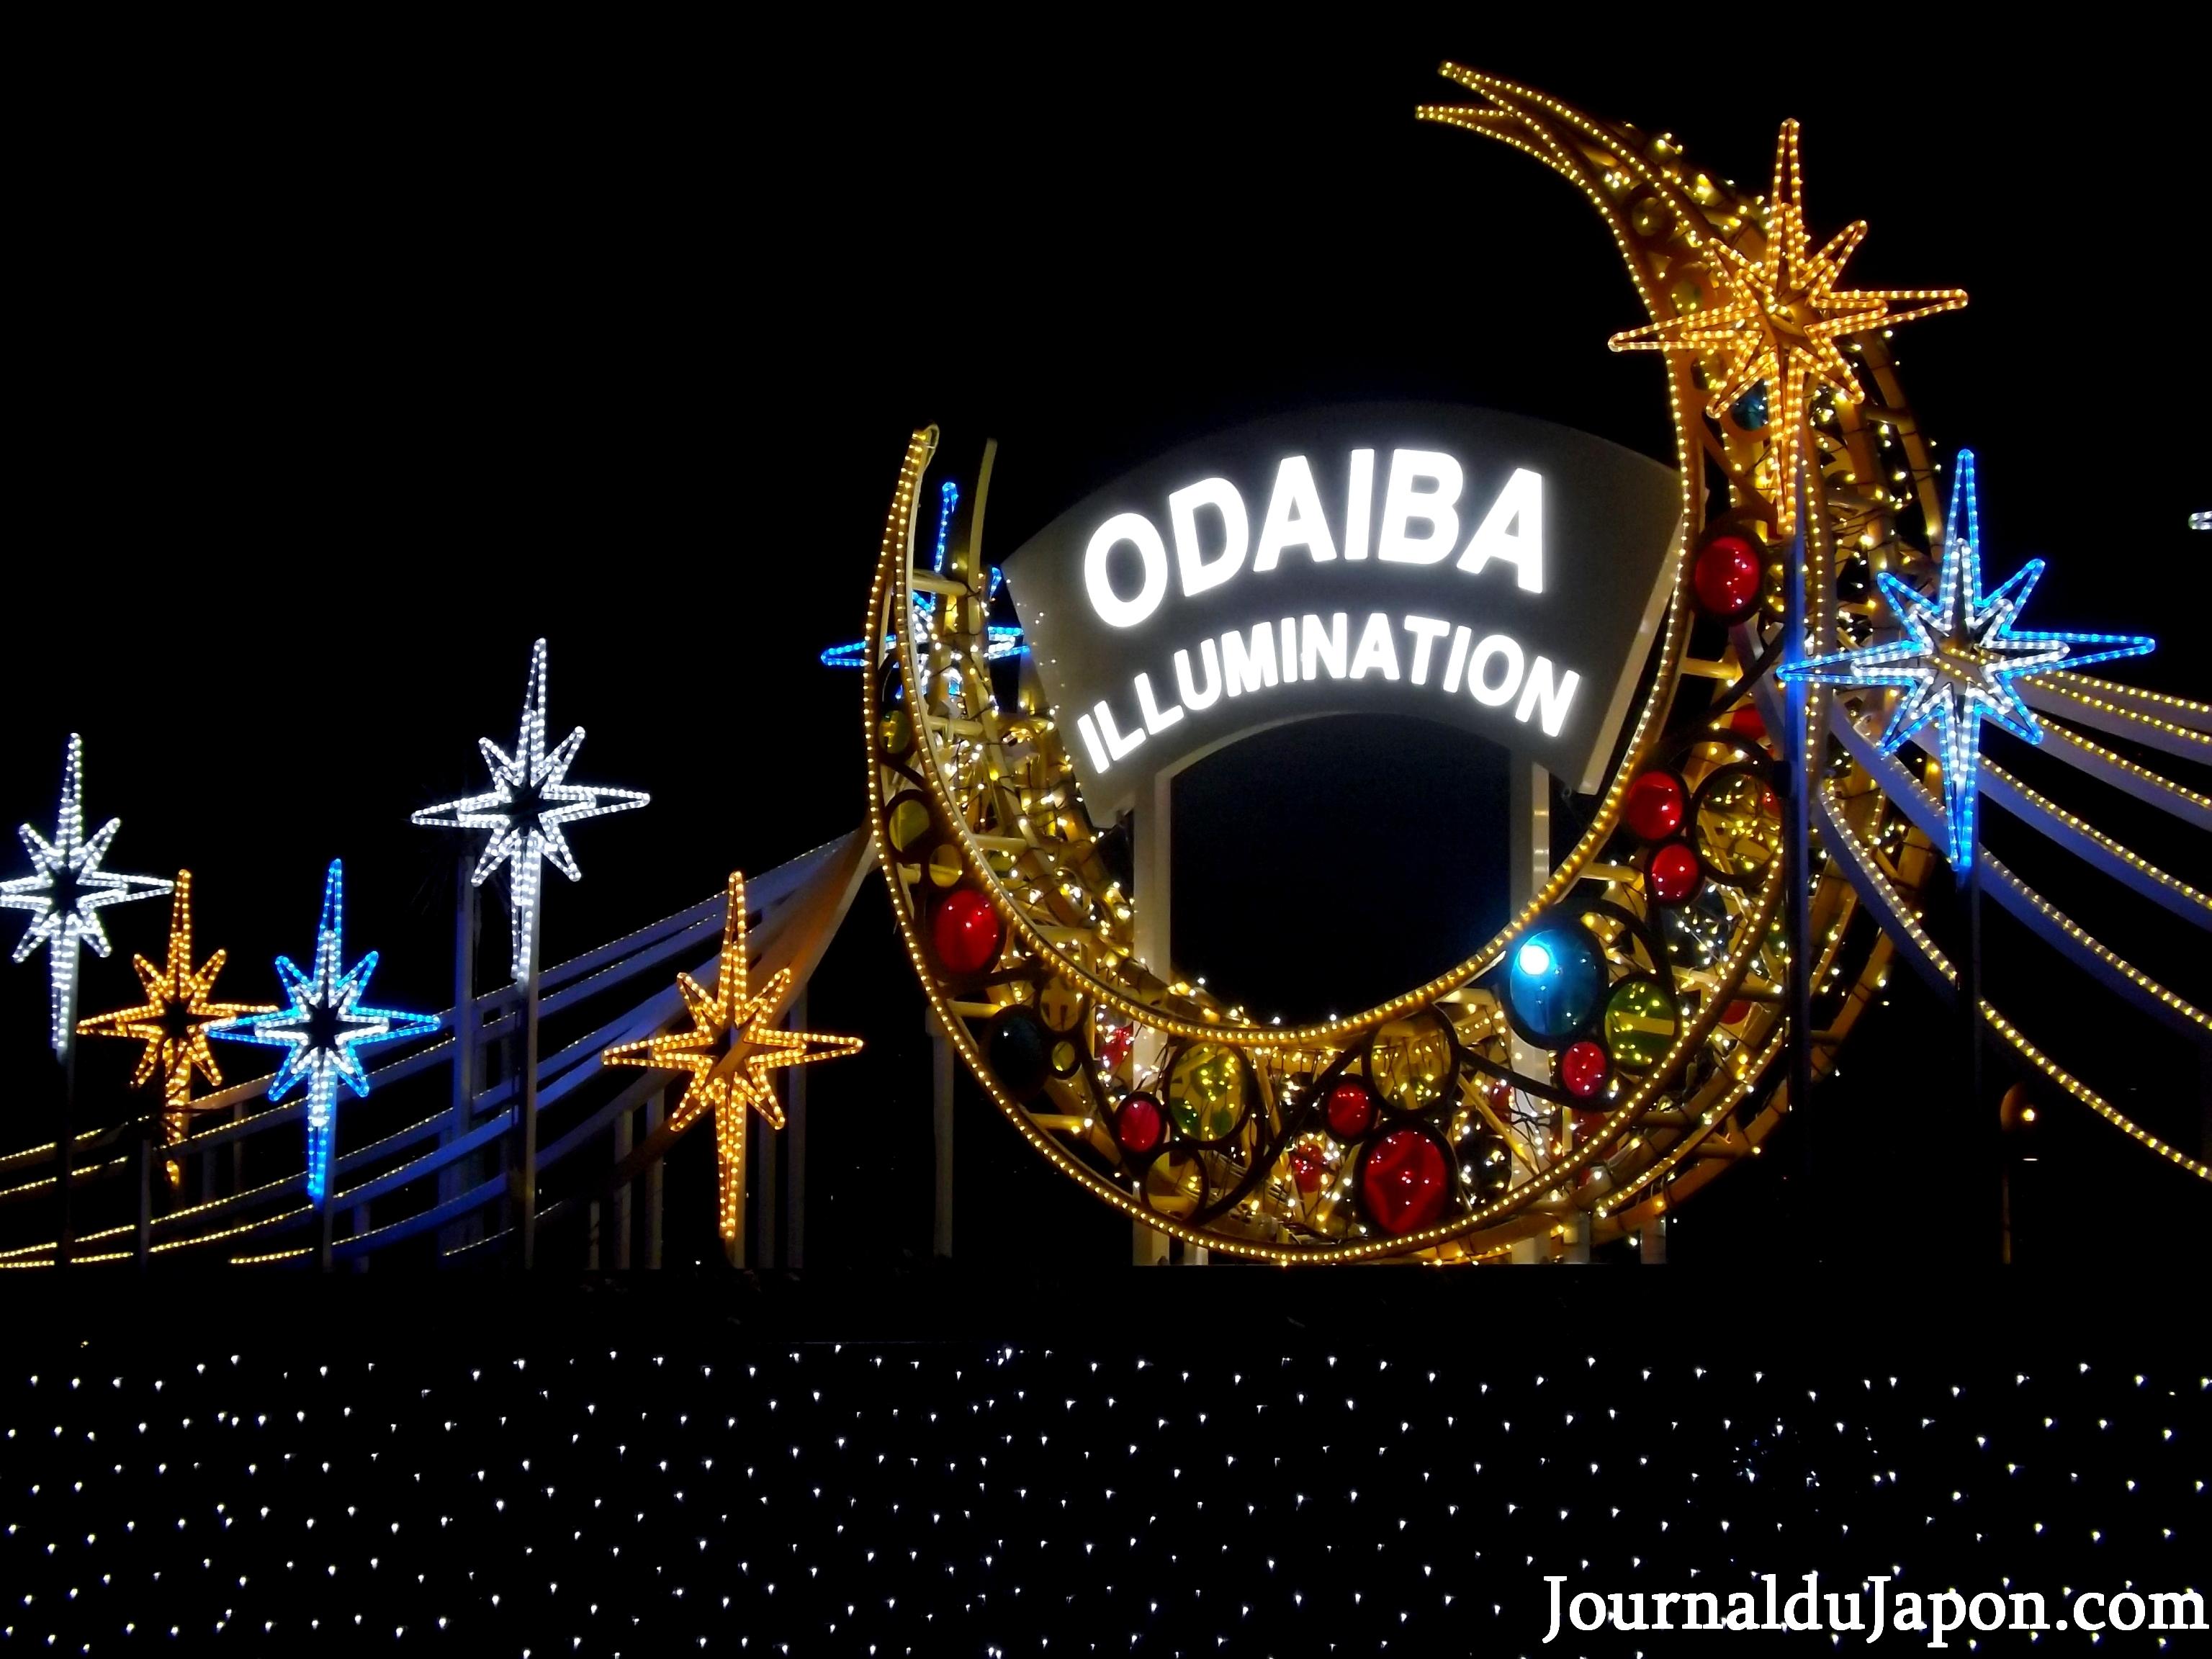 illuminations odaiba